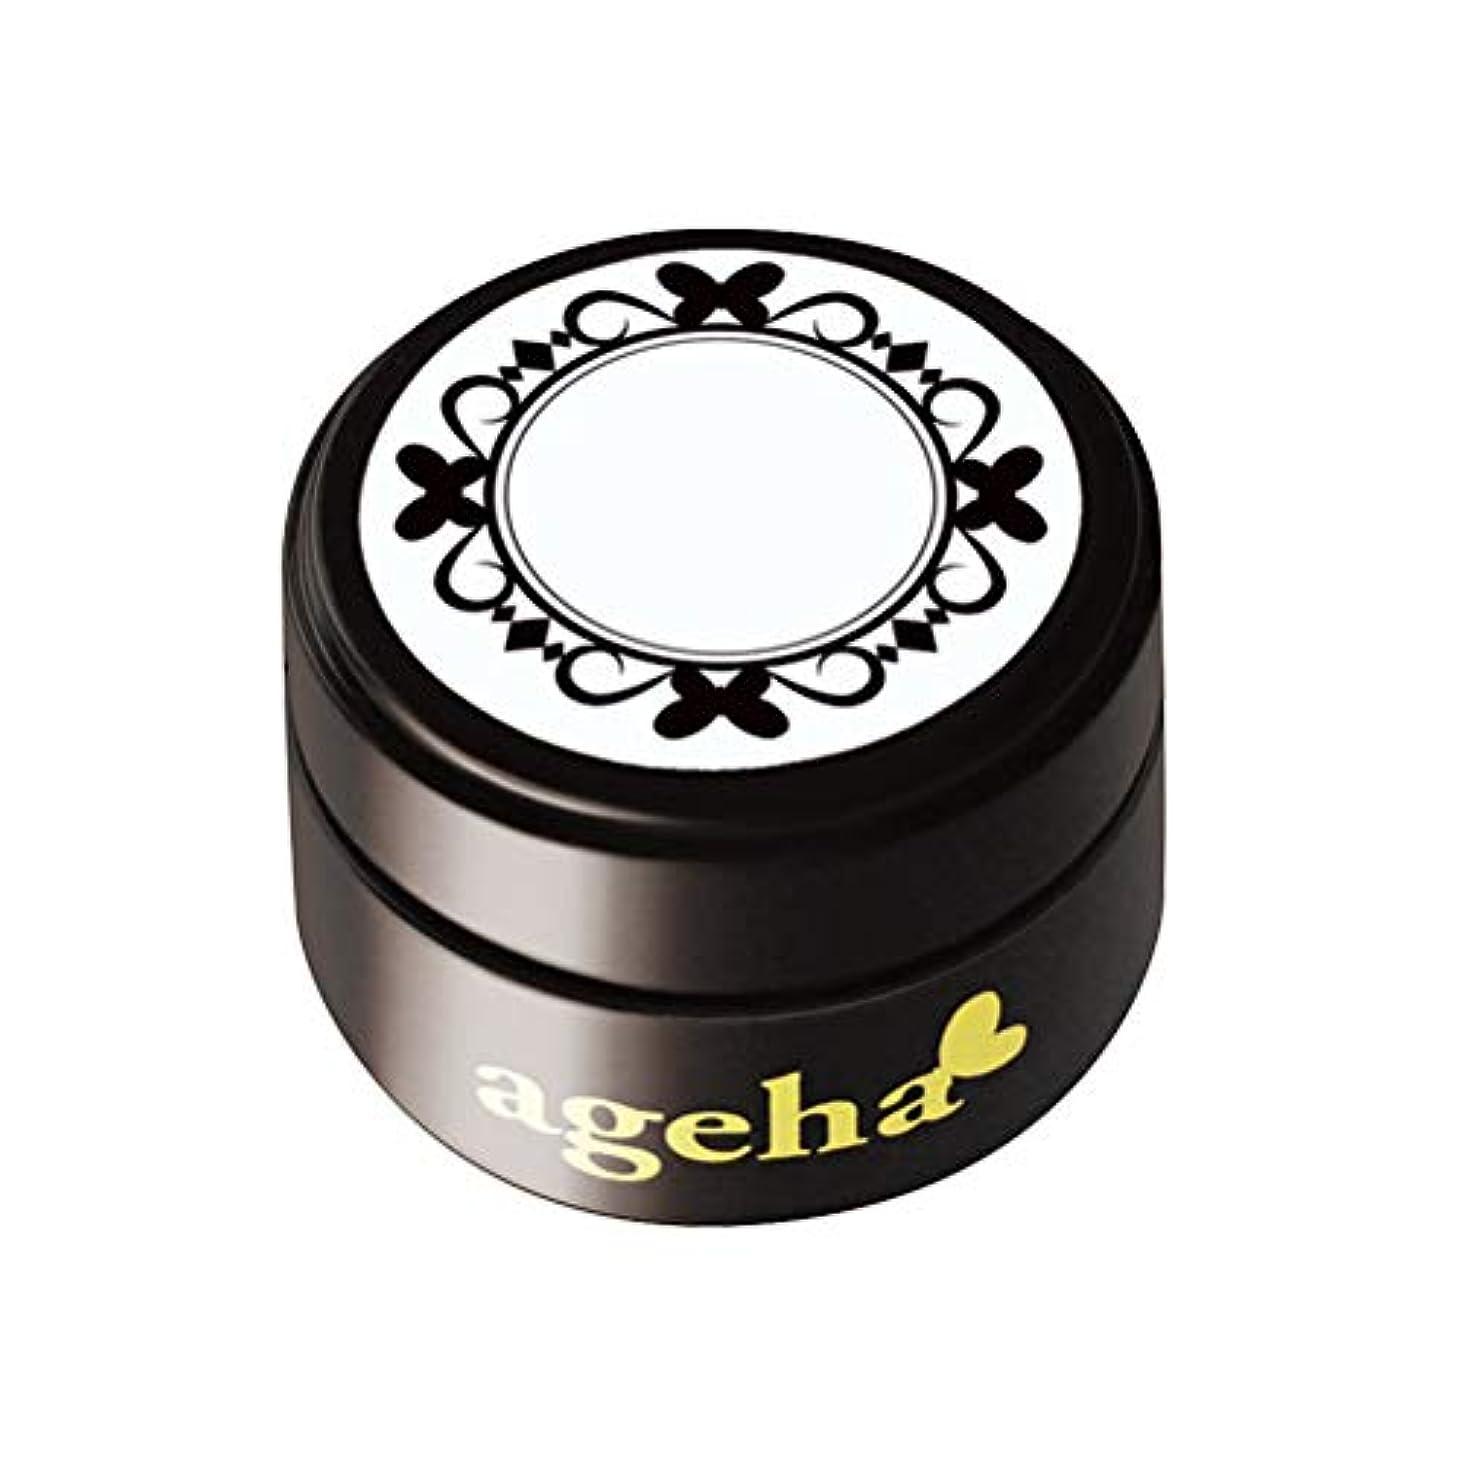 上へ復讐生むageha コスメカラー 232 レトロシナモン 2.7g UV/LED対応